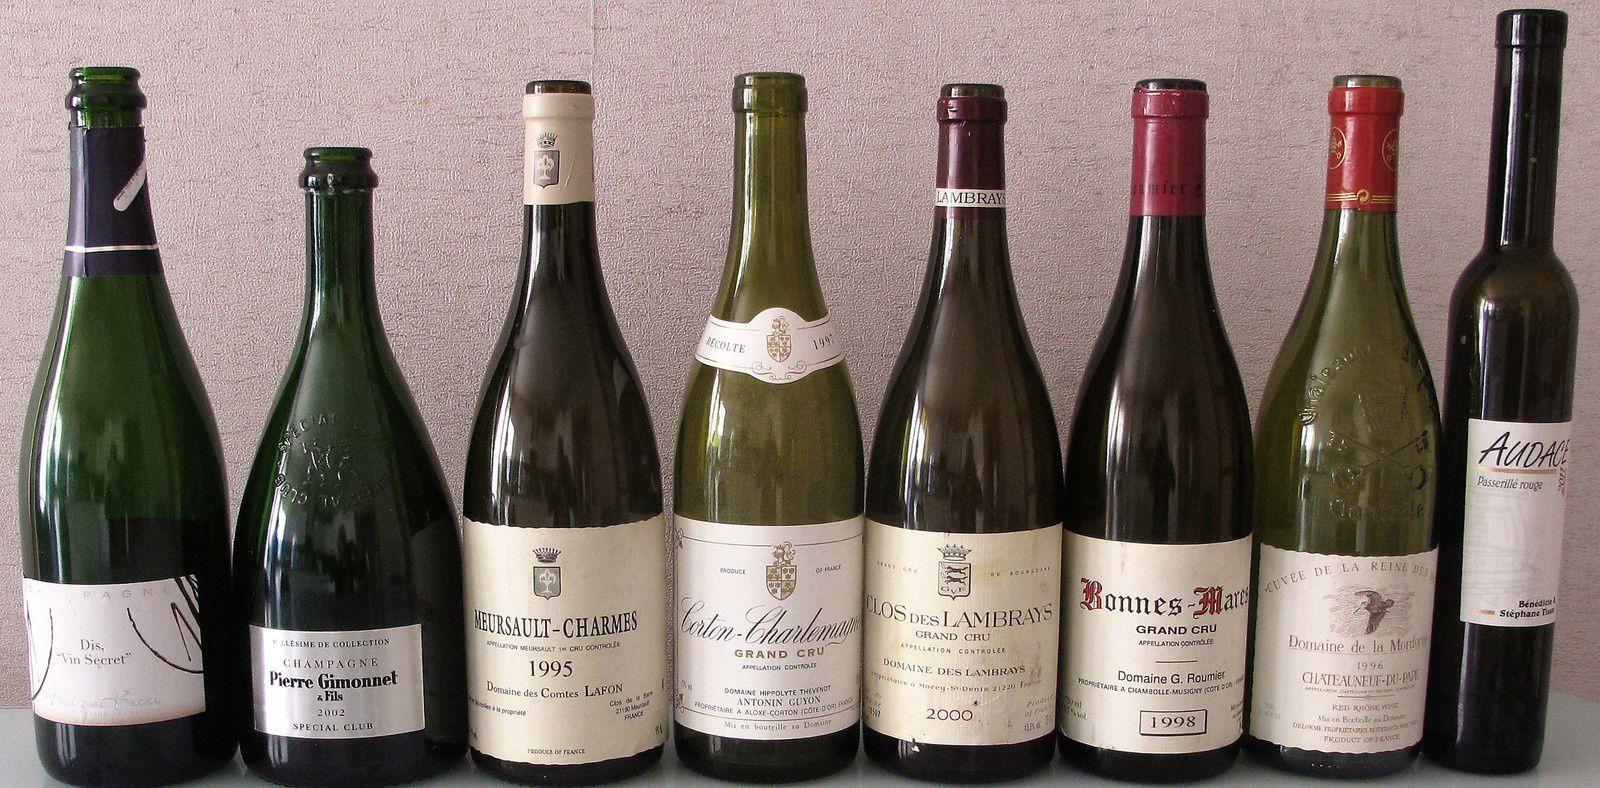 Repas-dégustaion avec F.Bedel, Gimonnet, Comte lafon, Antonin Guyon, Clos-des-Lambrays, G. Roumier, Mordorée, Tissot